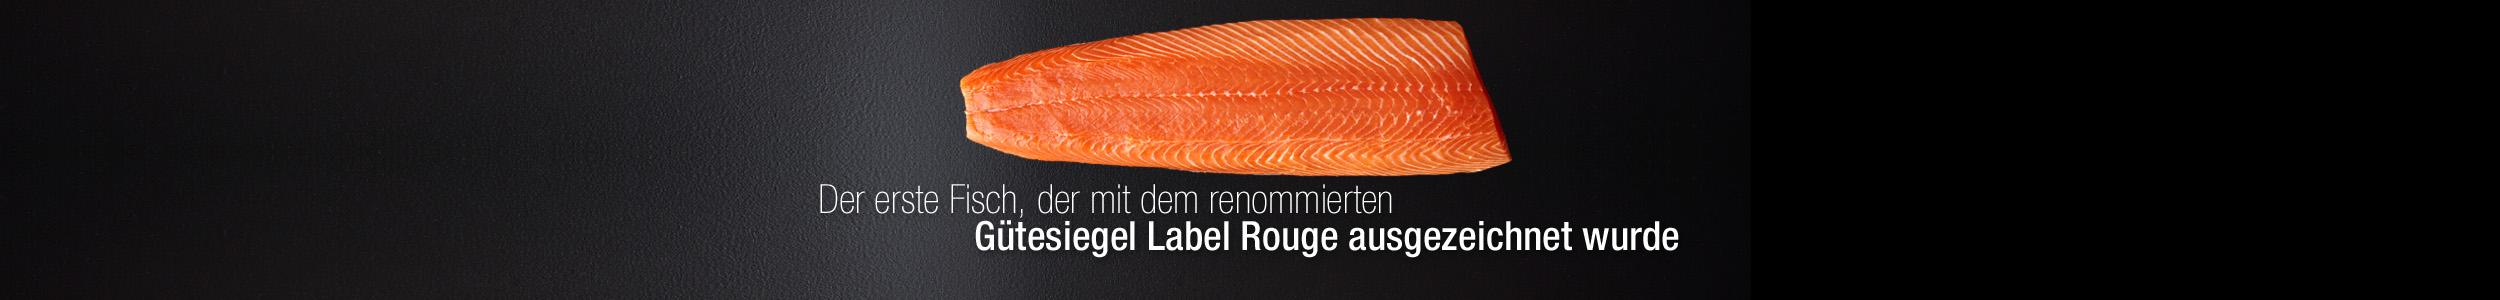 Der erste fisch der mit dem renommierten Gutesiegle Label Rouge ausgezeichnet wurde